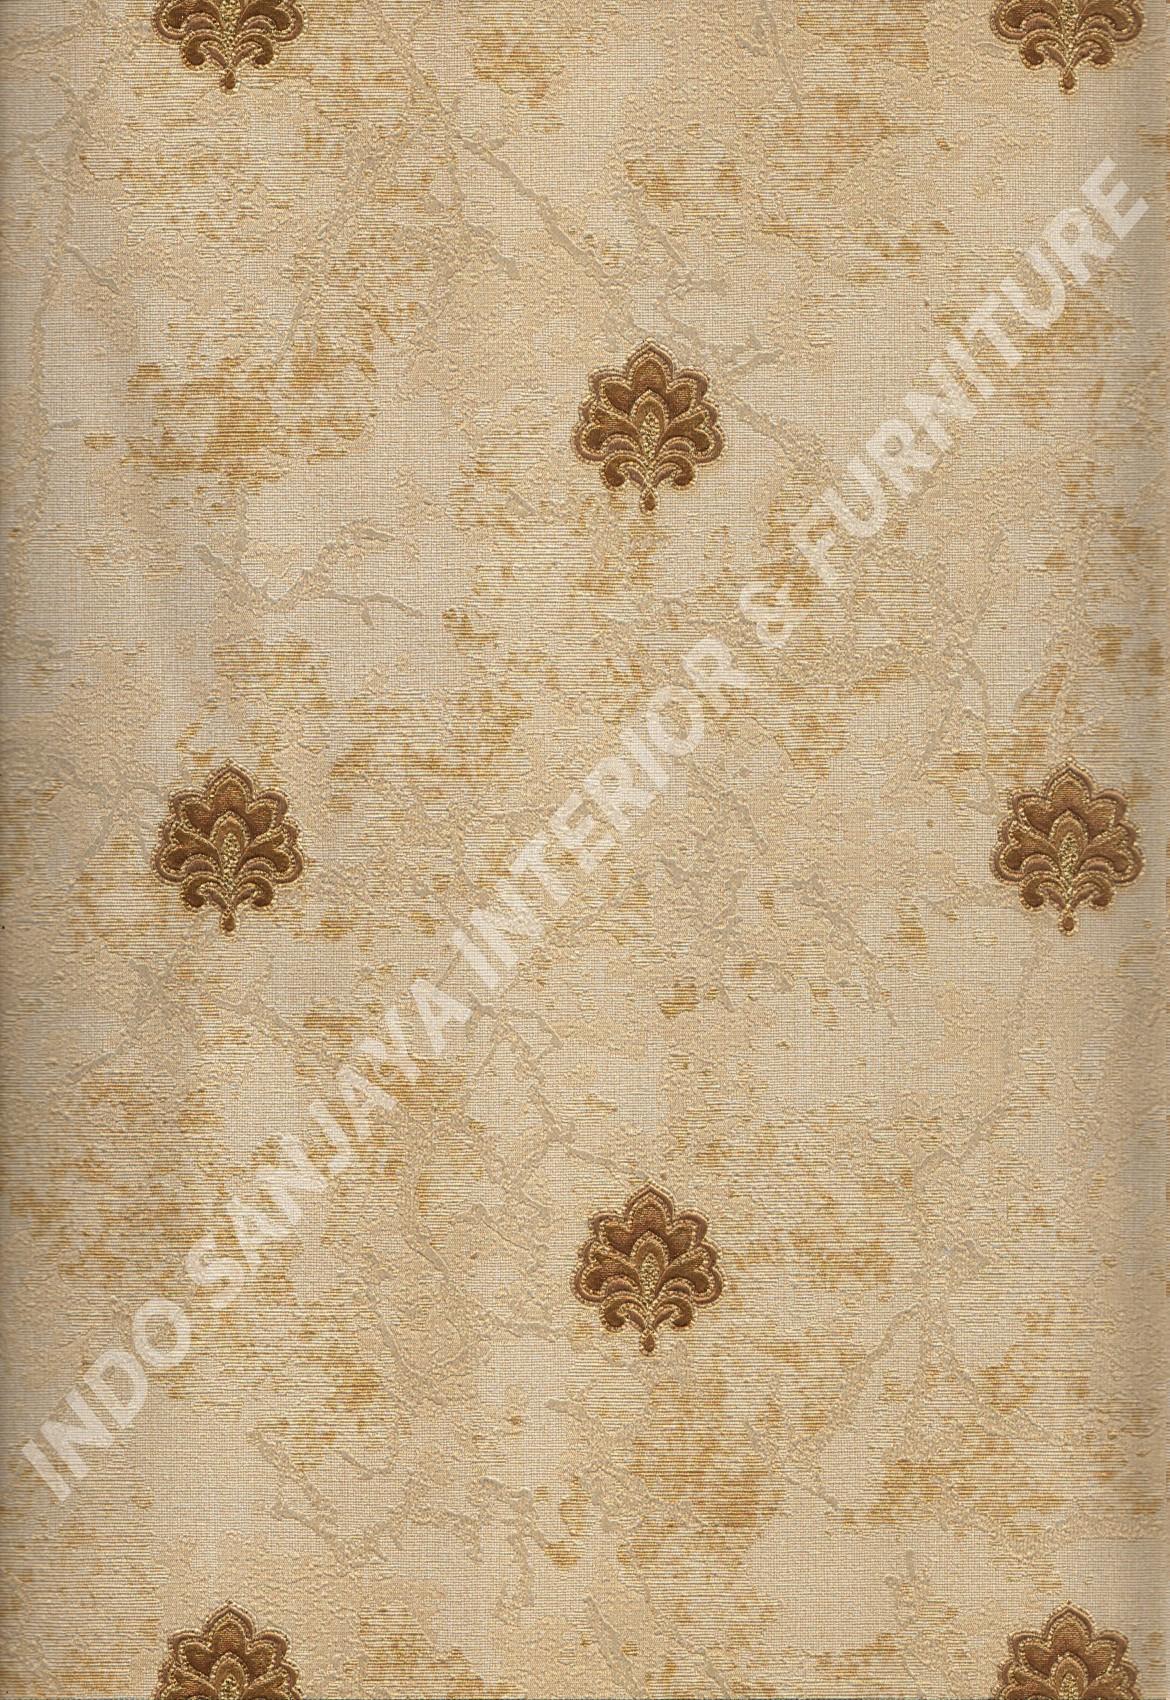 wallpaper   Wallpaper Klasik Batik (Damask) 81125-6:81125-6 corak  warna